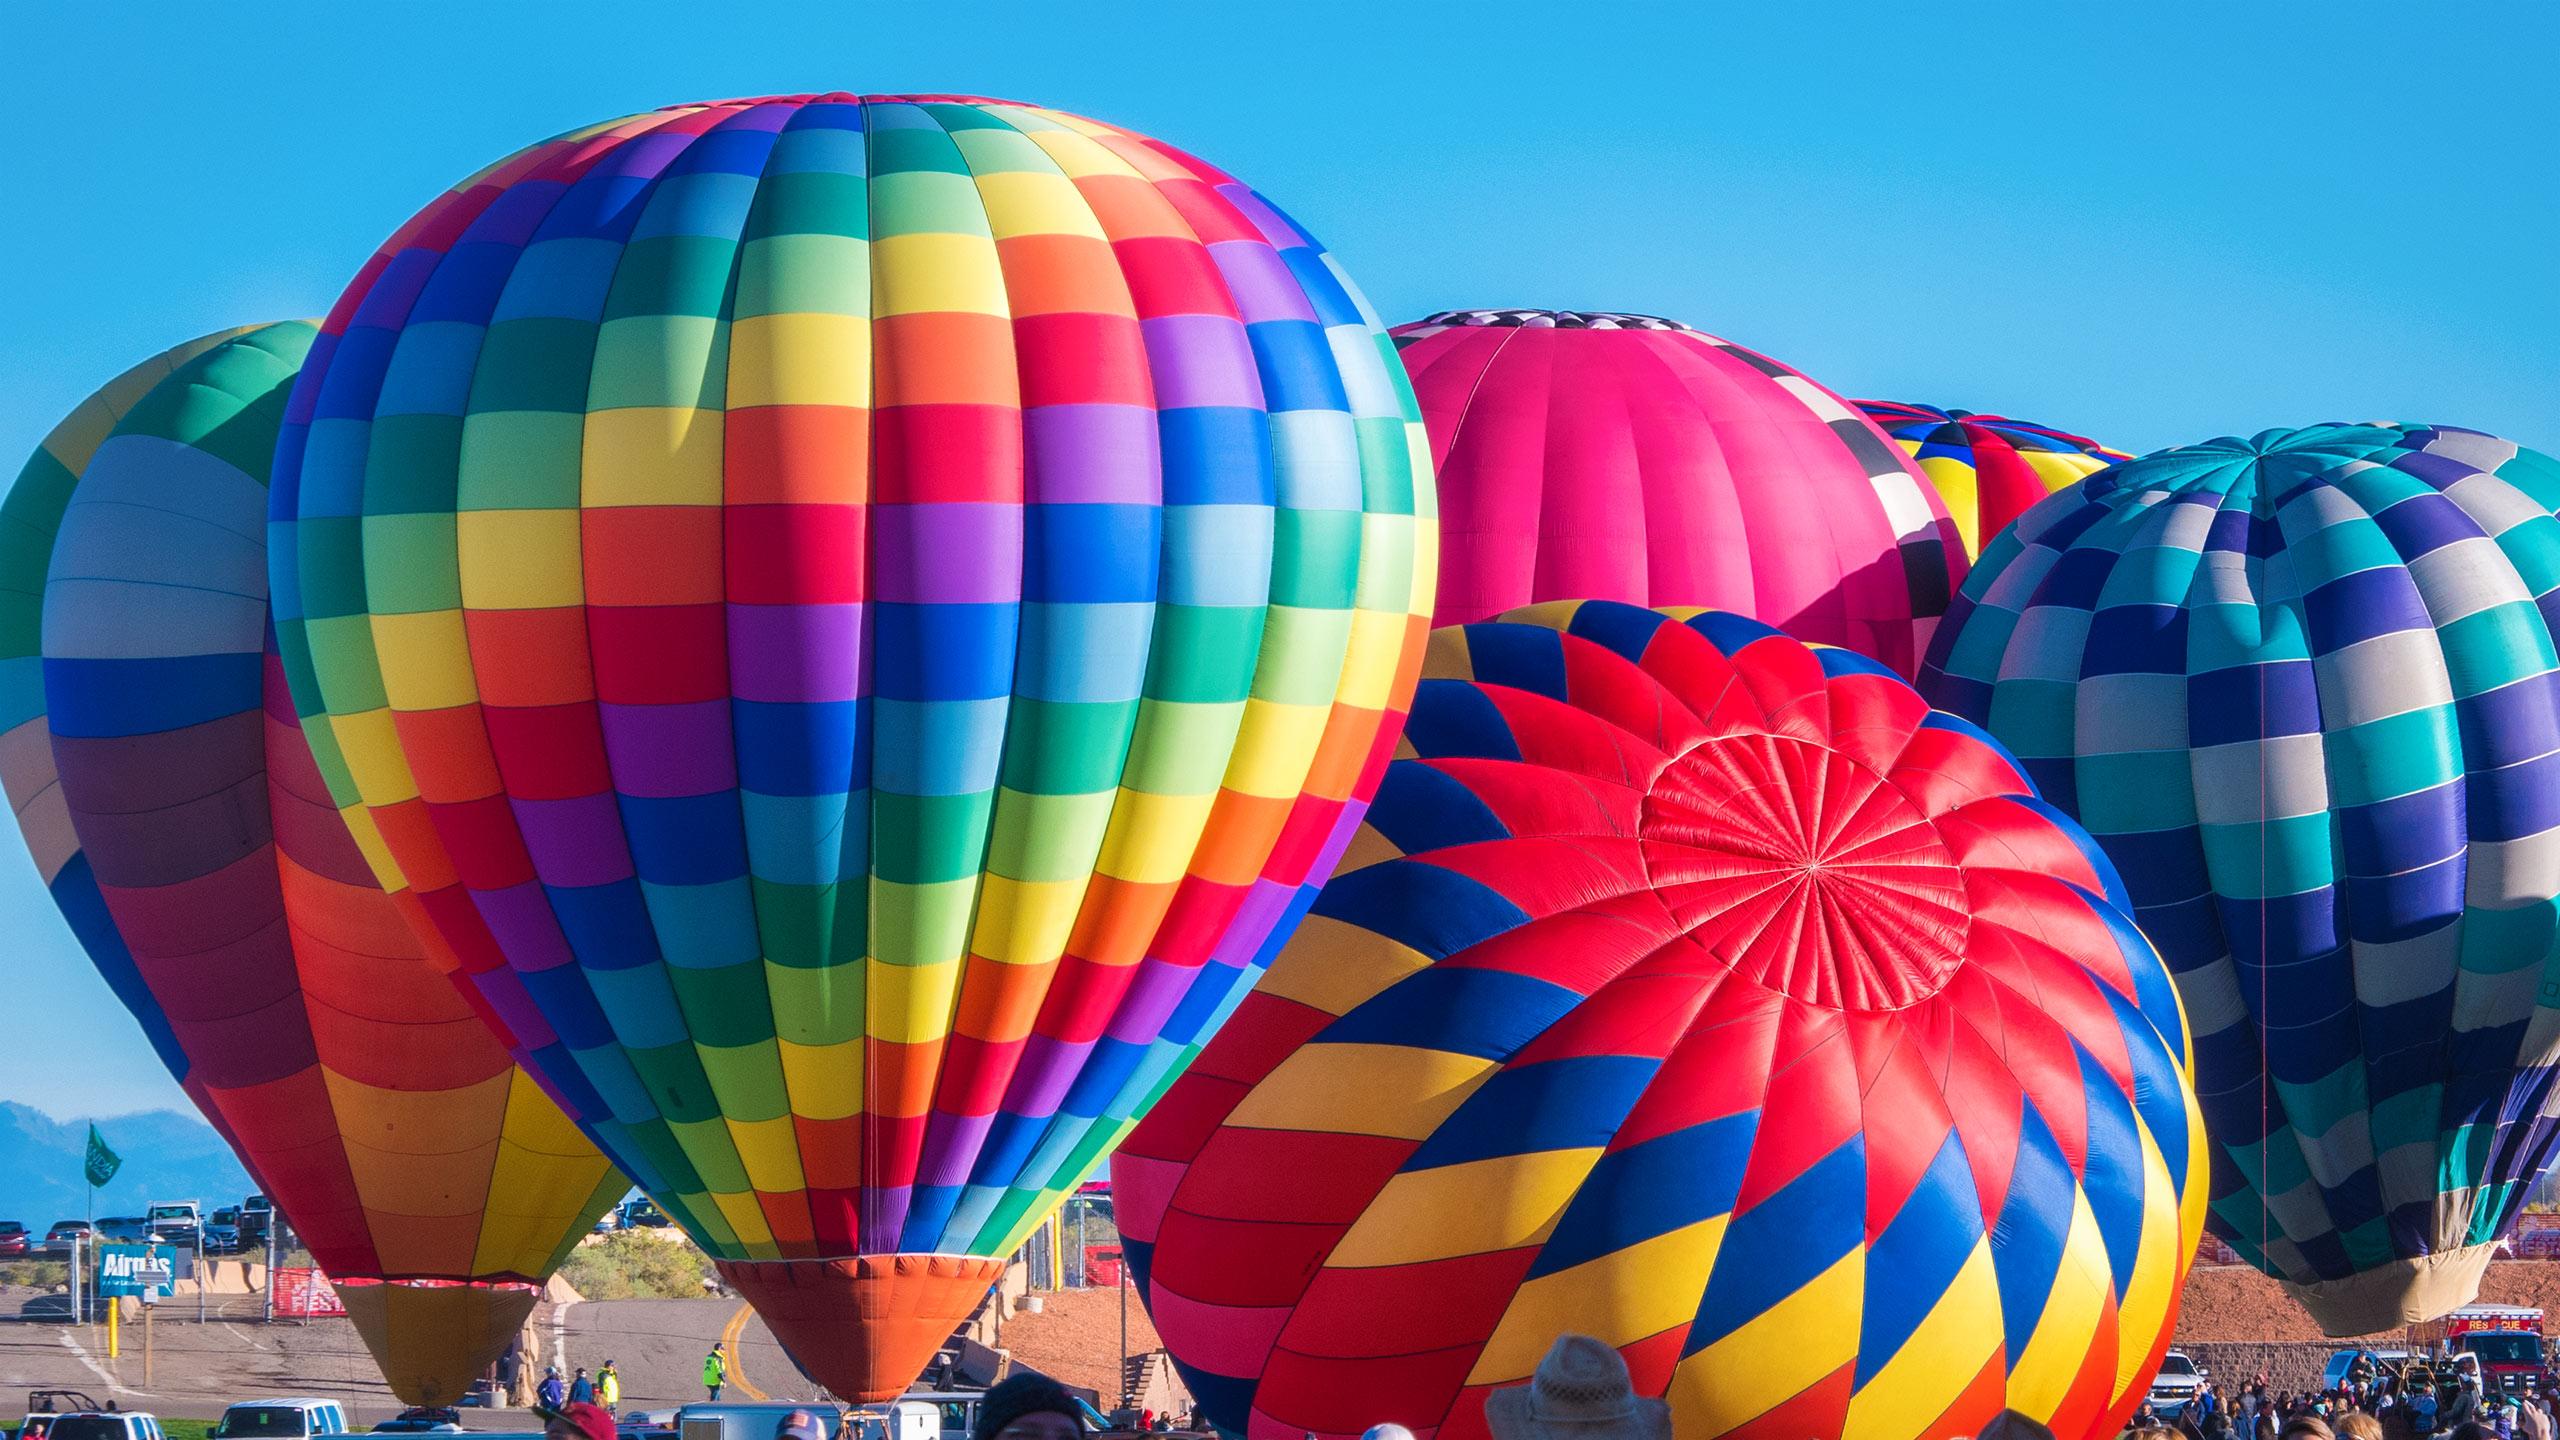 abq_balloon_fest_ANA2268_2560p